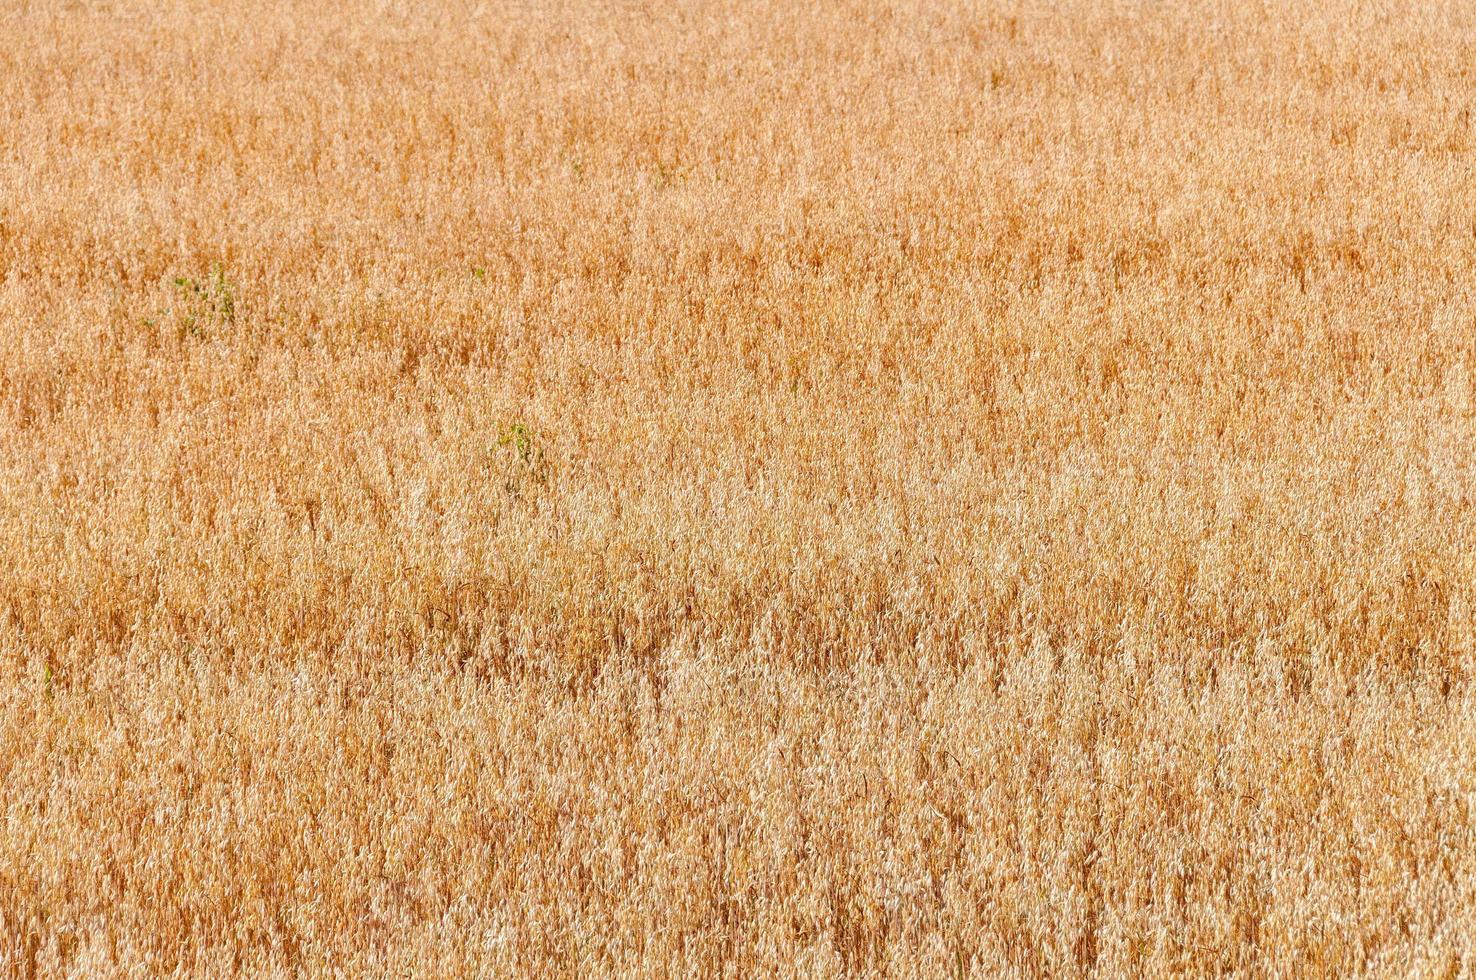 spighe di avena matura dorata sul campo dell'azienda agricola pronta per la raccolta foto